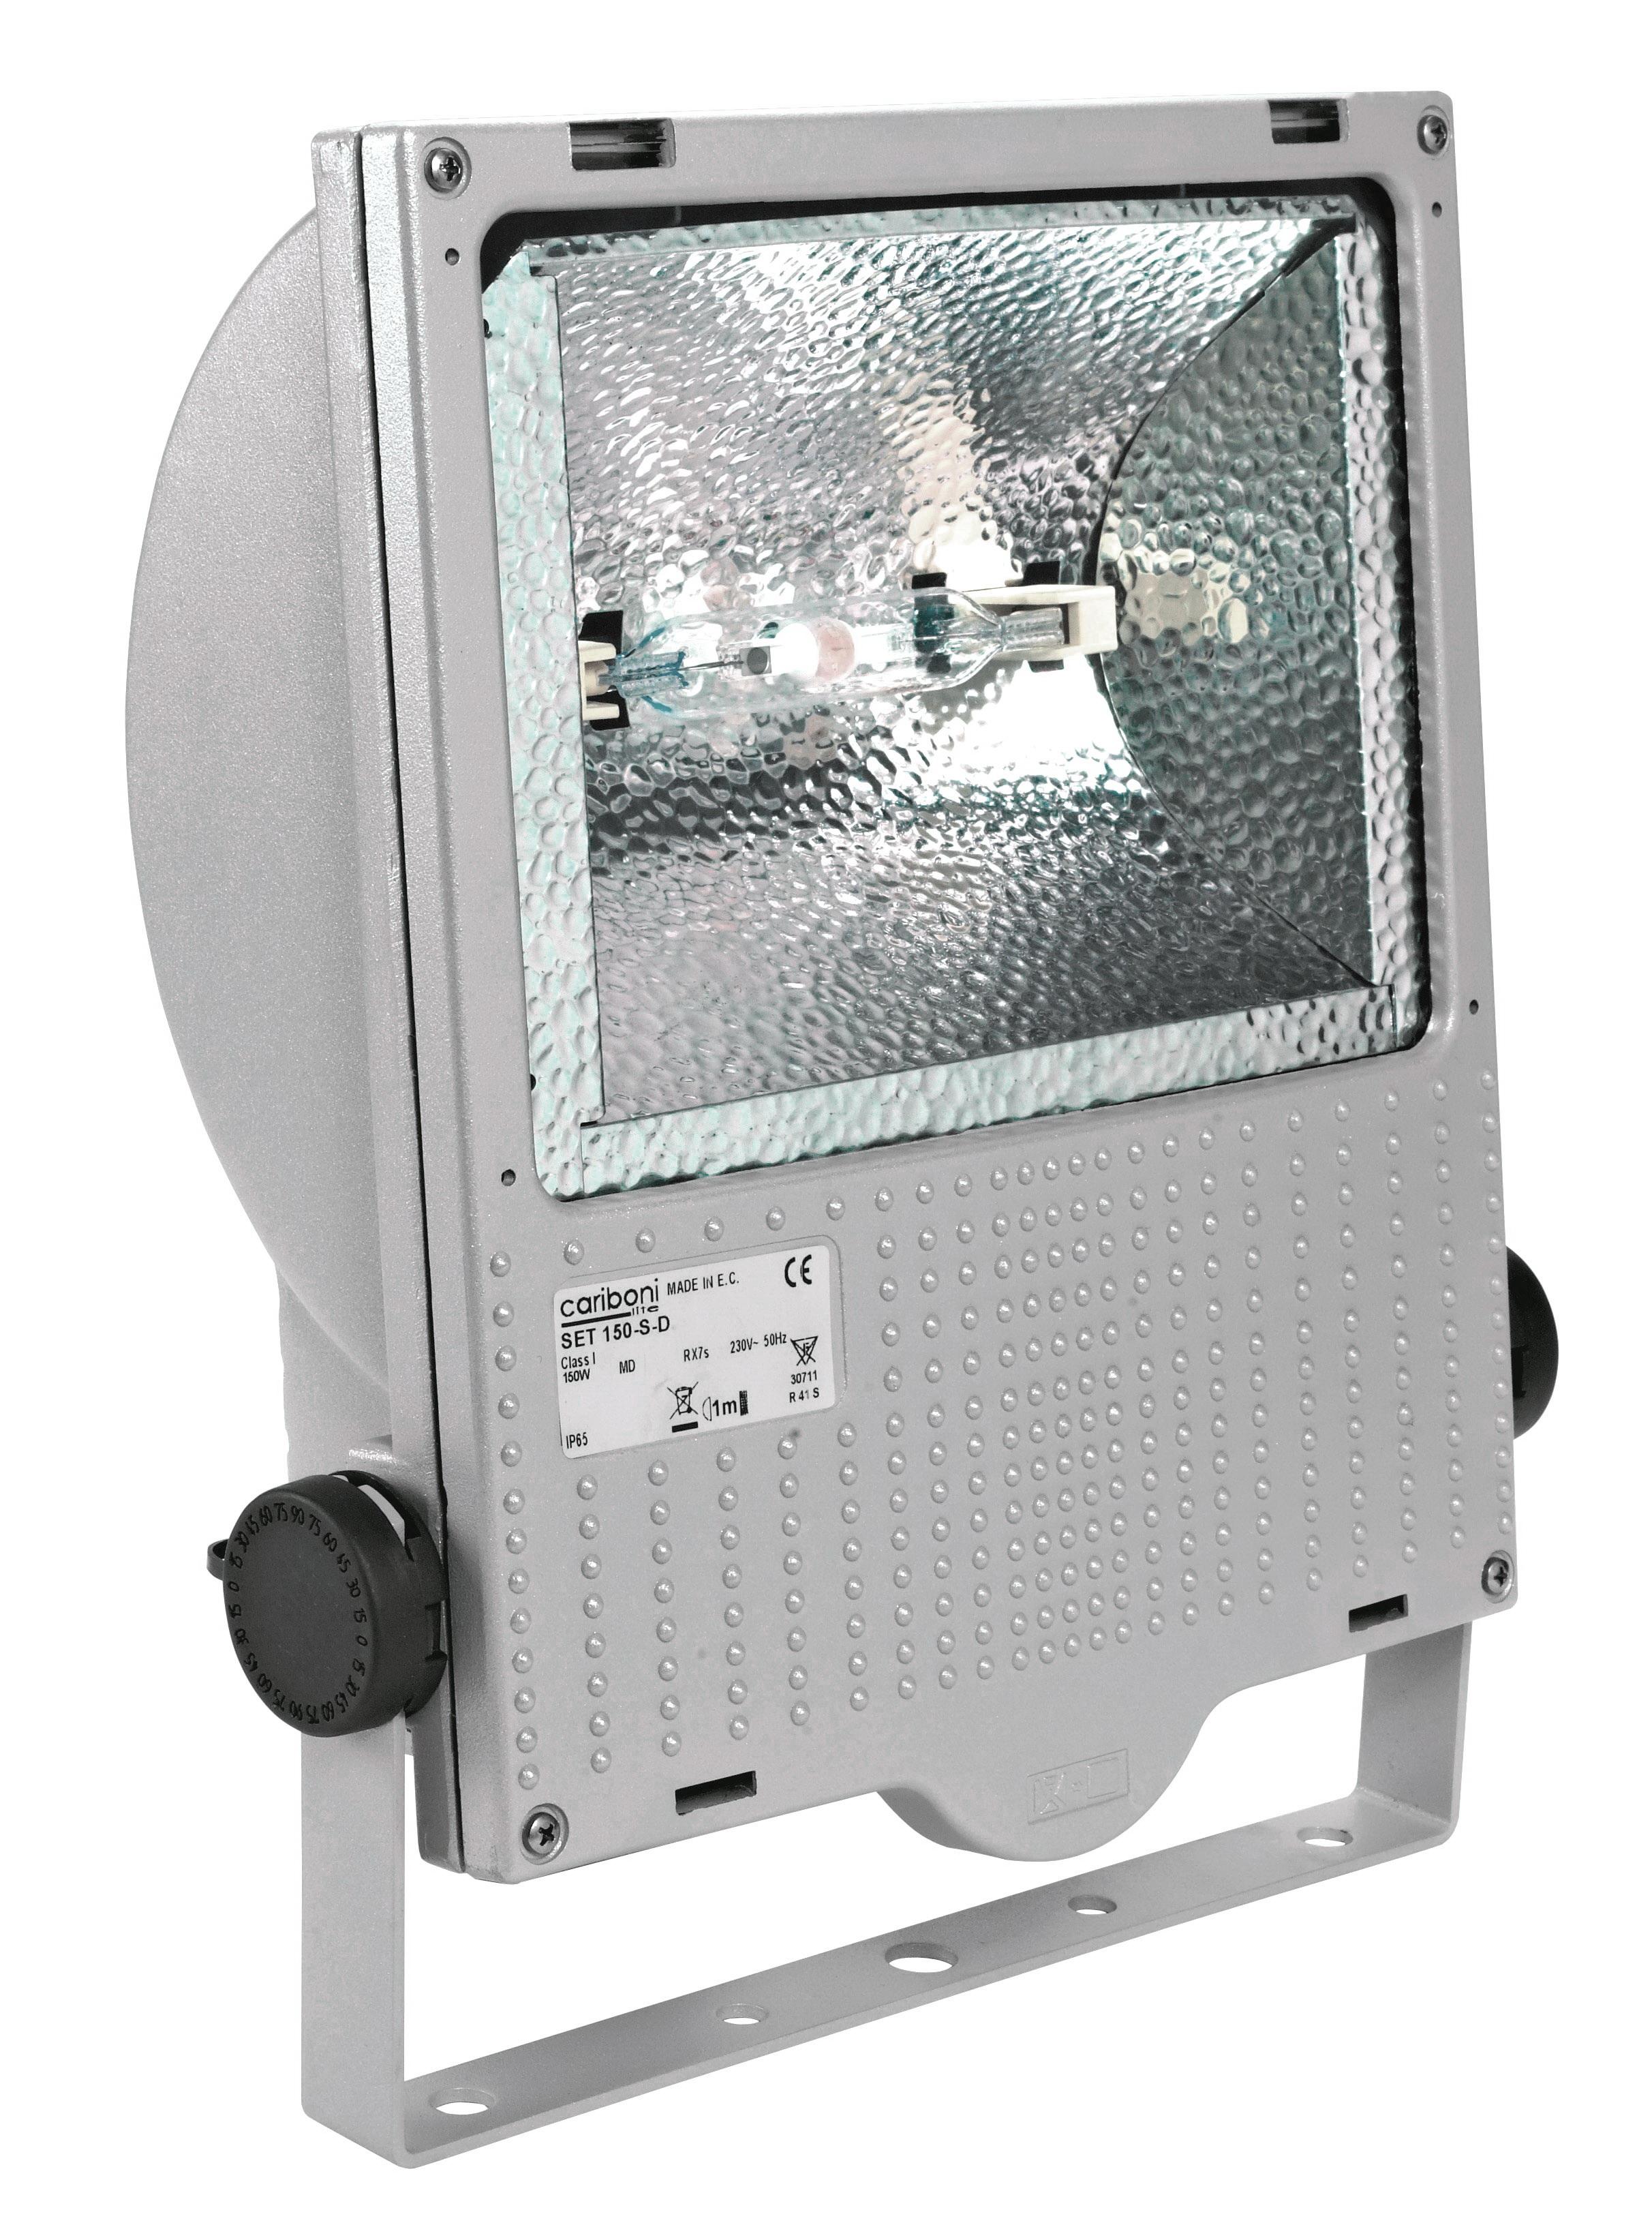 1 Stk Set 150W HIT-DE RX7s IP65 Scheinwerfer asymmetrisch, RAL9006 LI6S5041R4